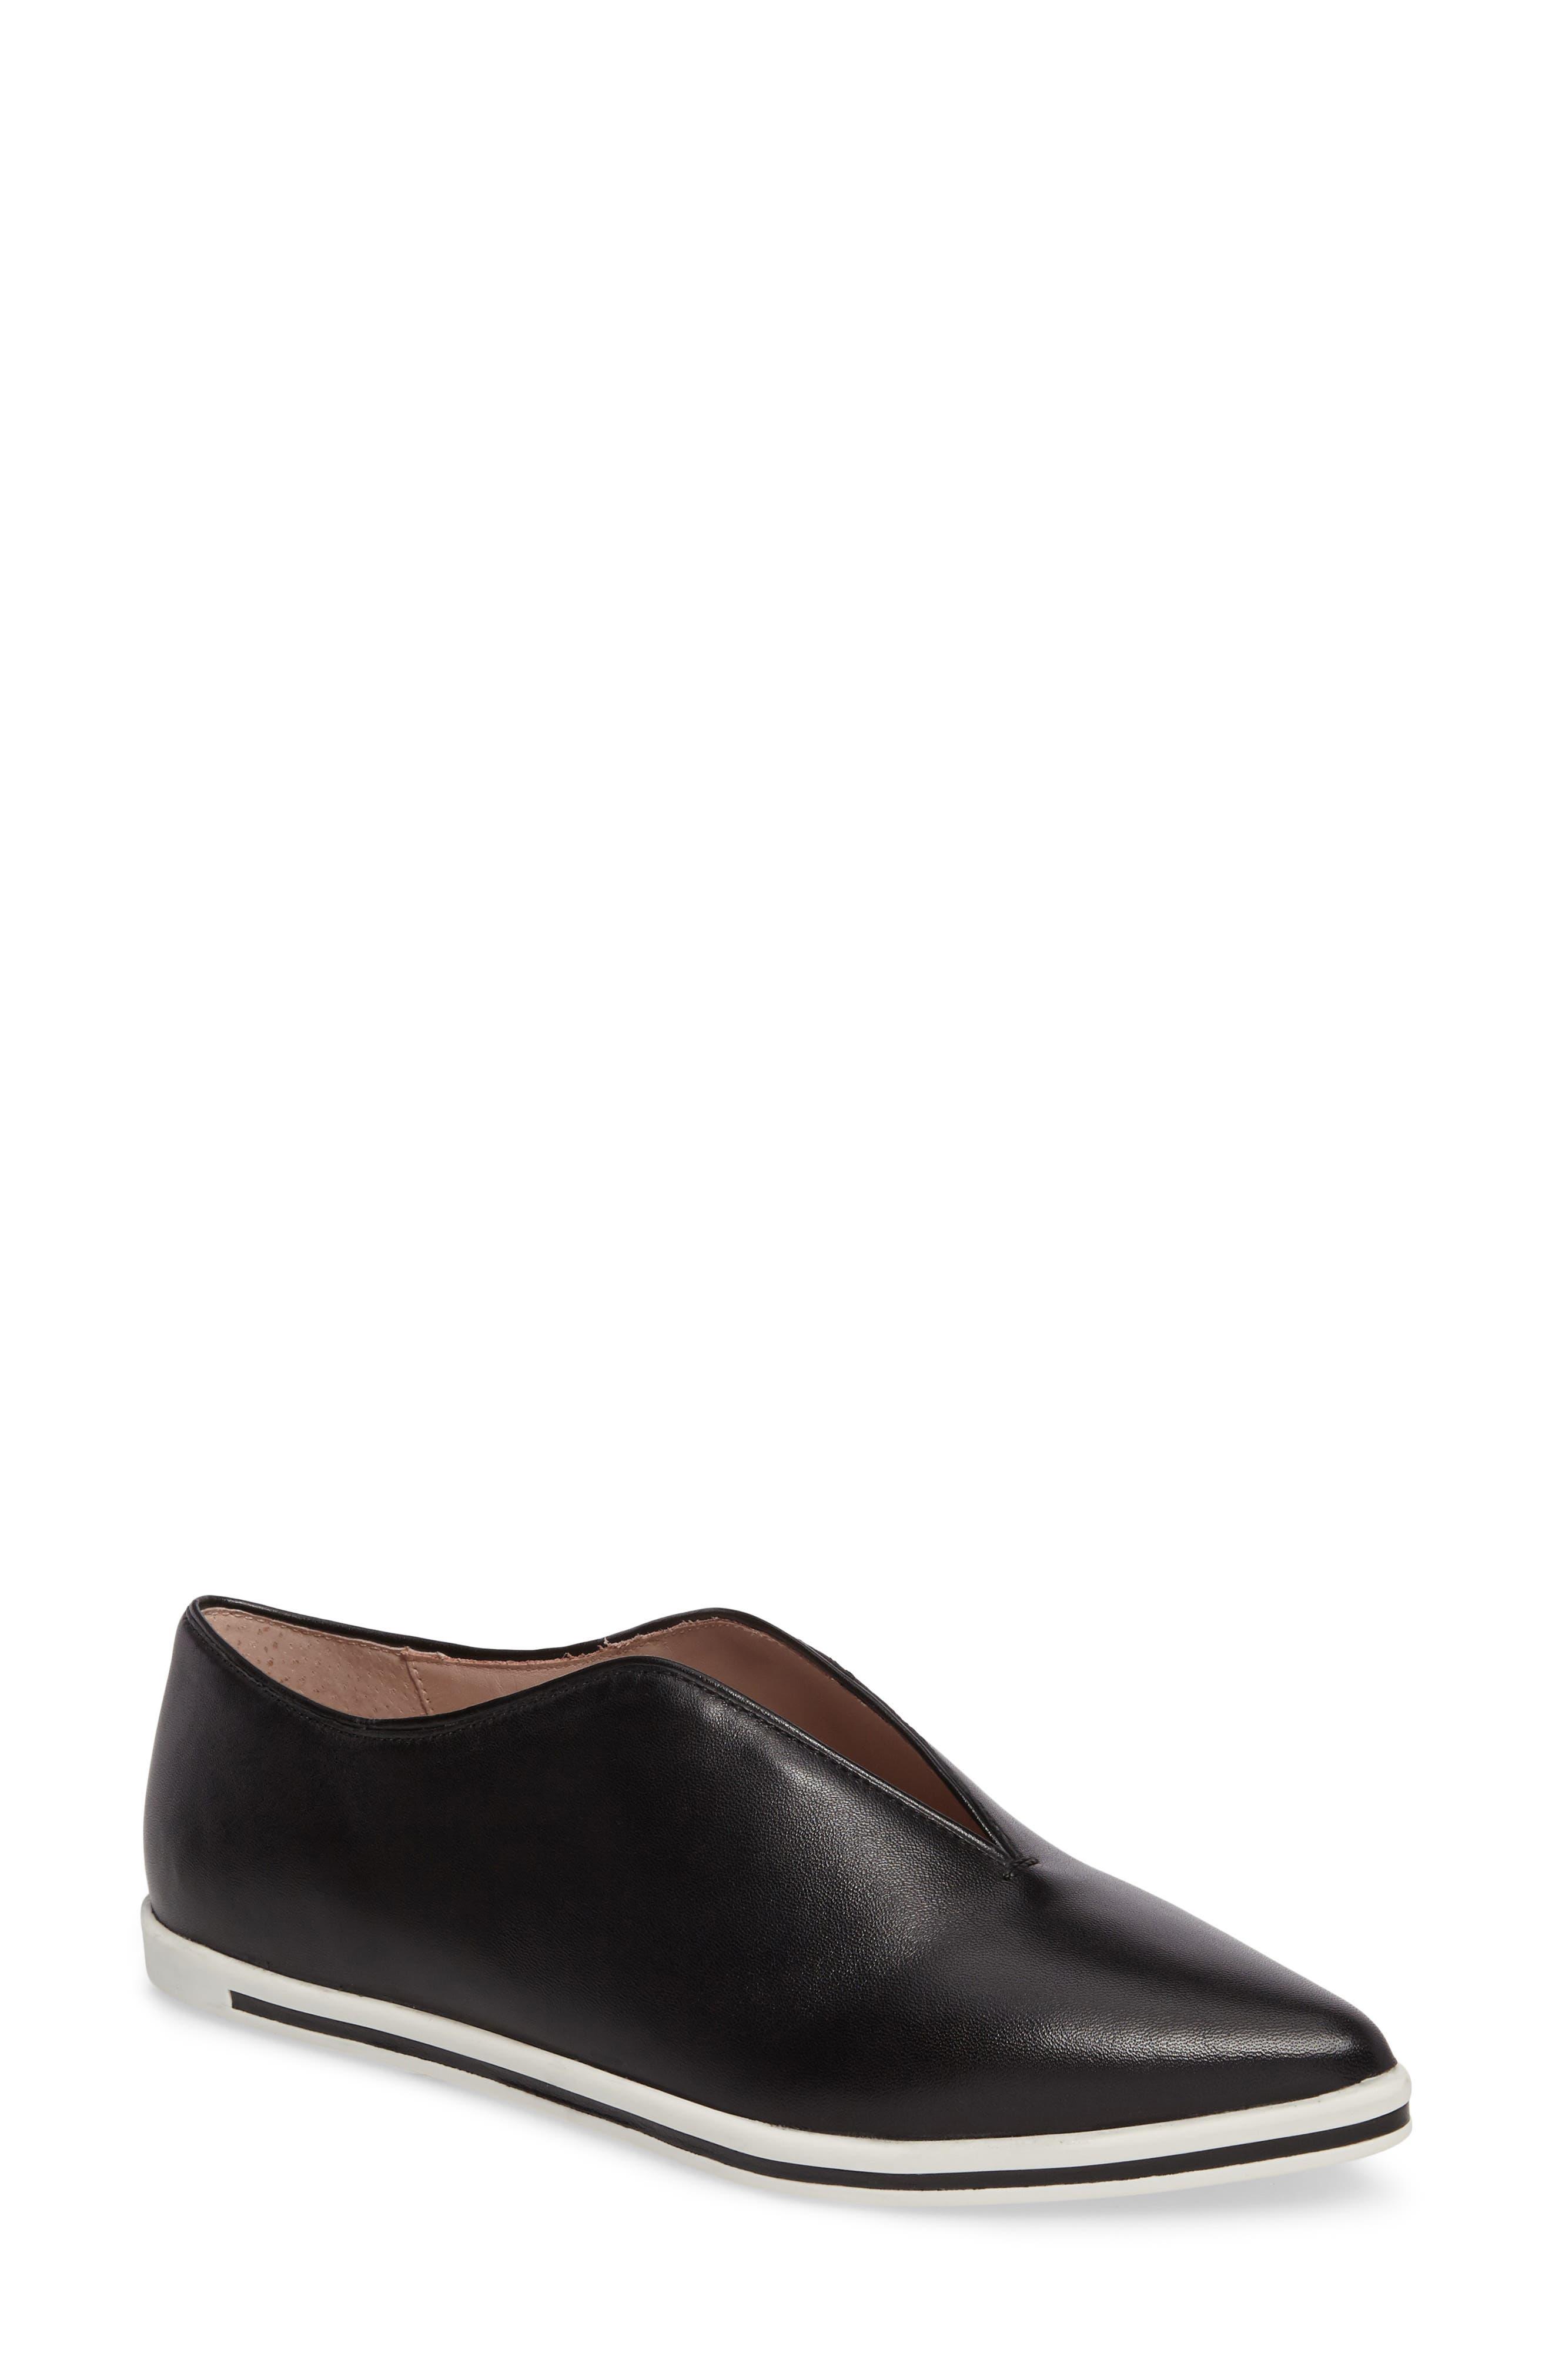 Tisha Slip-On Sneaker,                             Main thumbnail 1, color,                             004